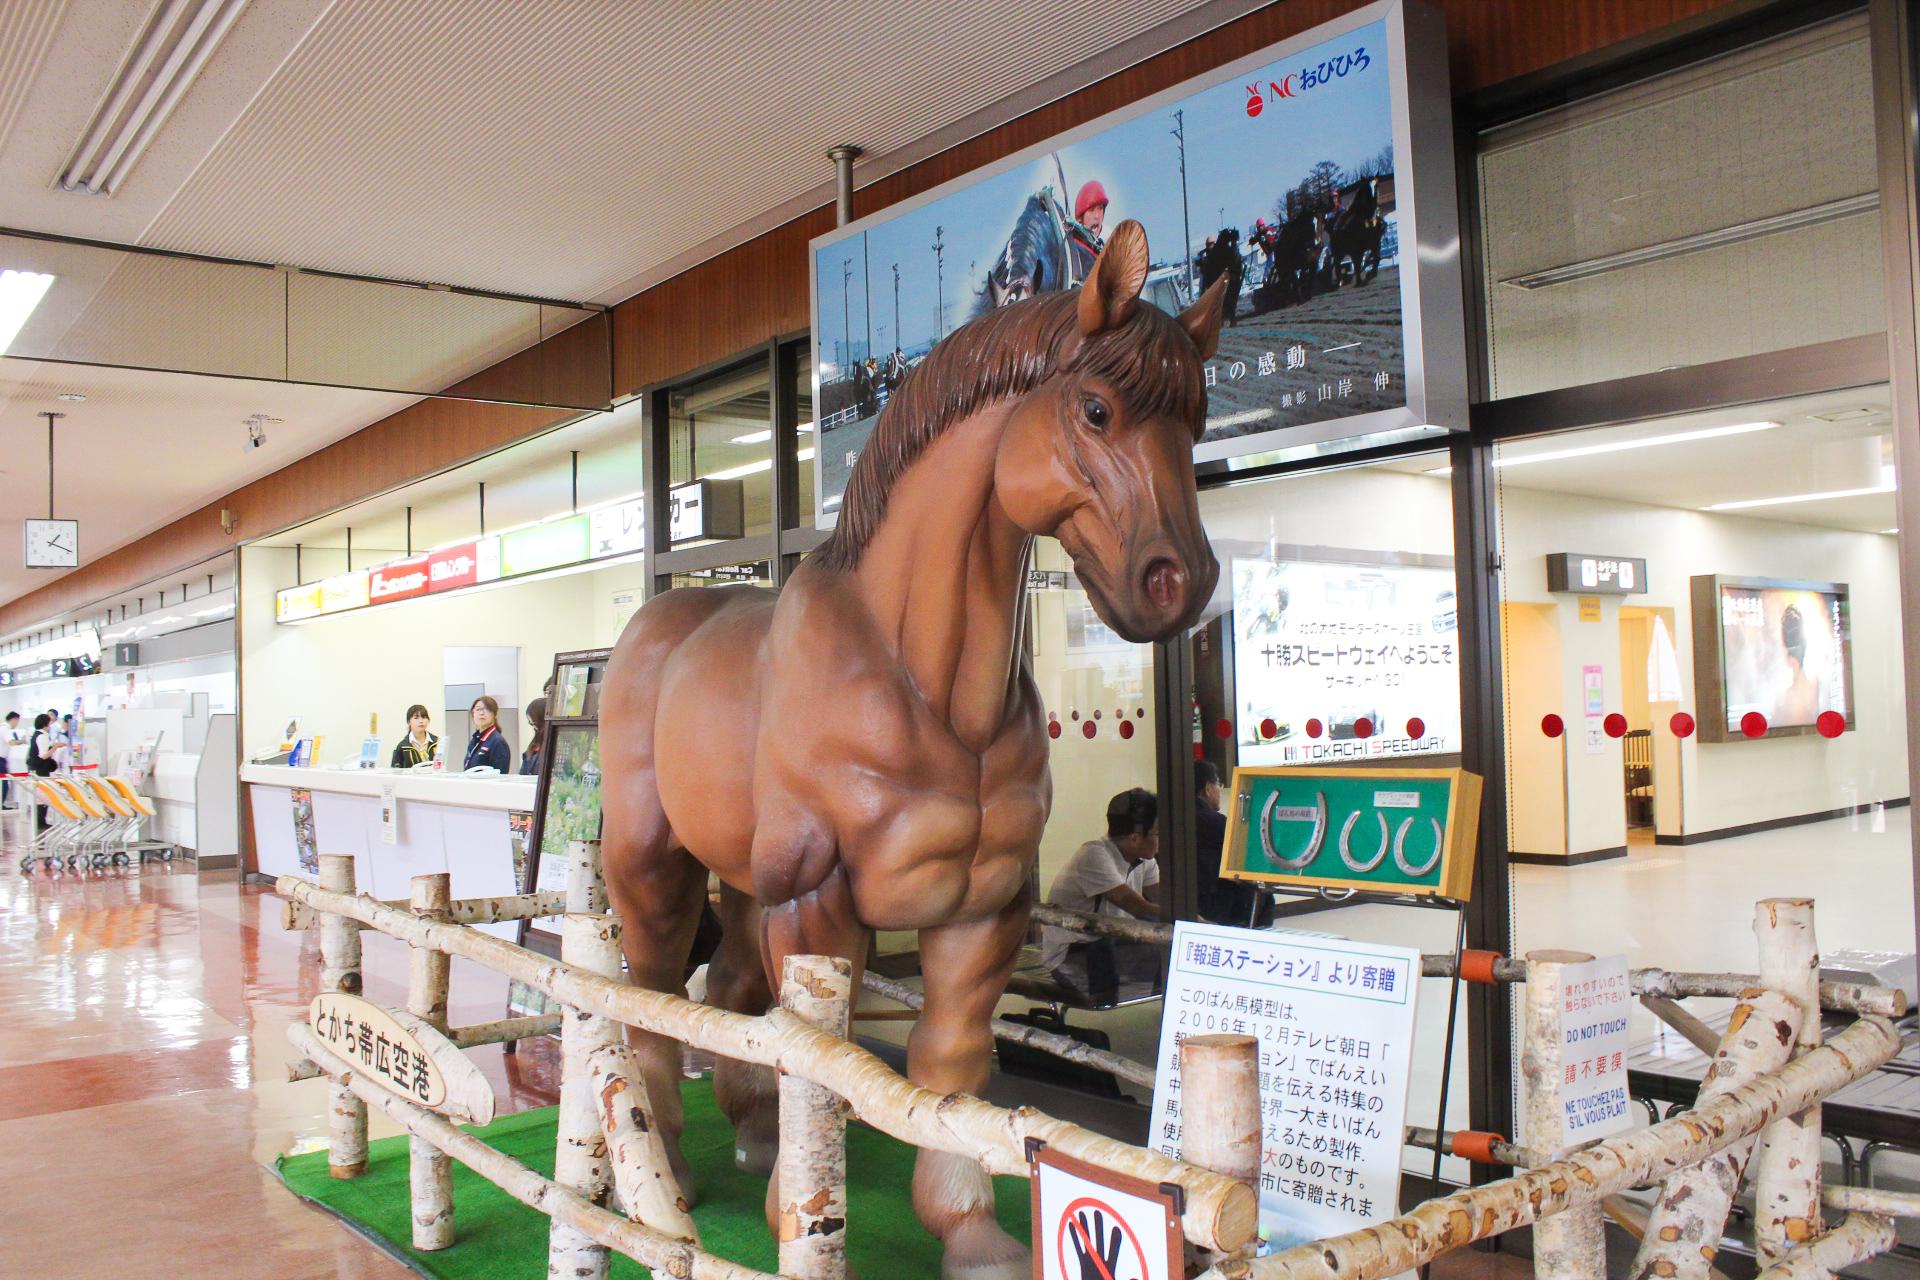 とかち帯広空港にある輓馬の像